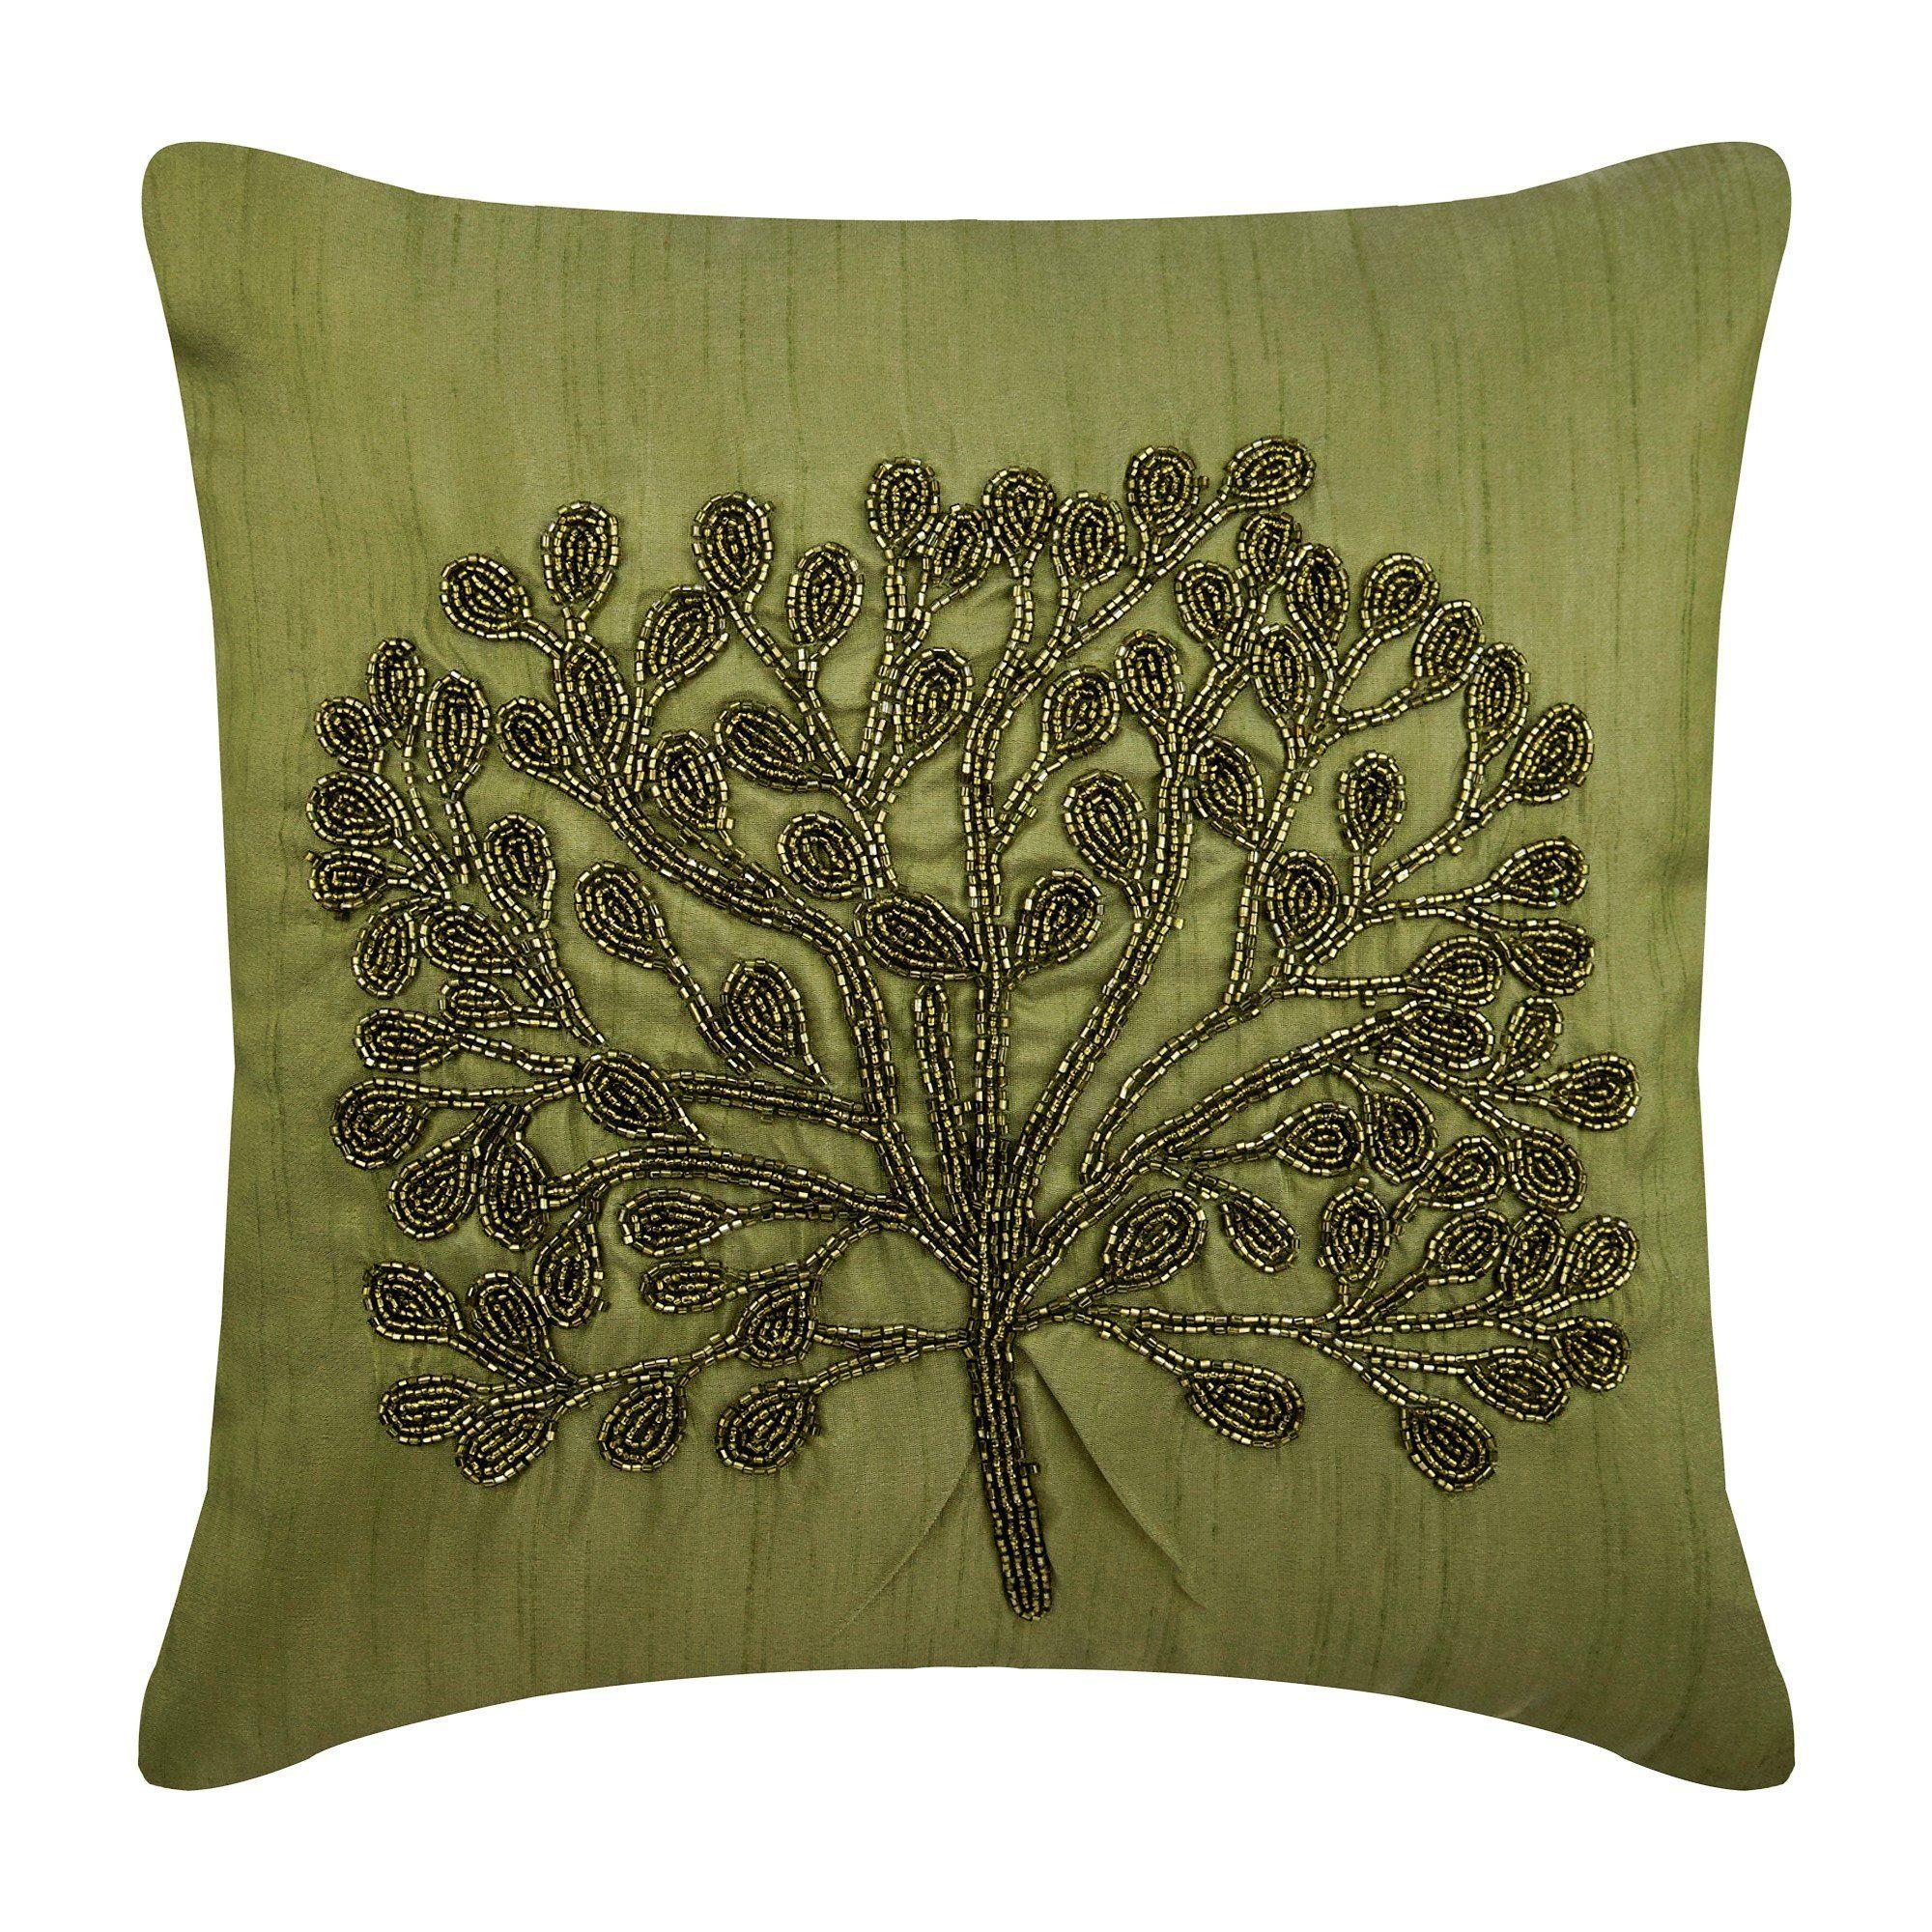 Designer Green Throw Pillow Cover 16x16 Art Silk Etsy Green Throw Pillows Silk Pillow Cover Botanical Pillow